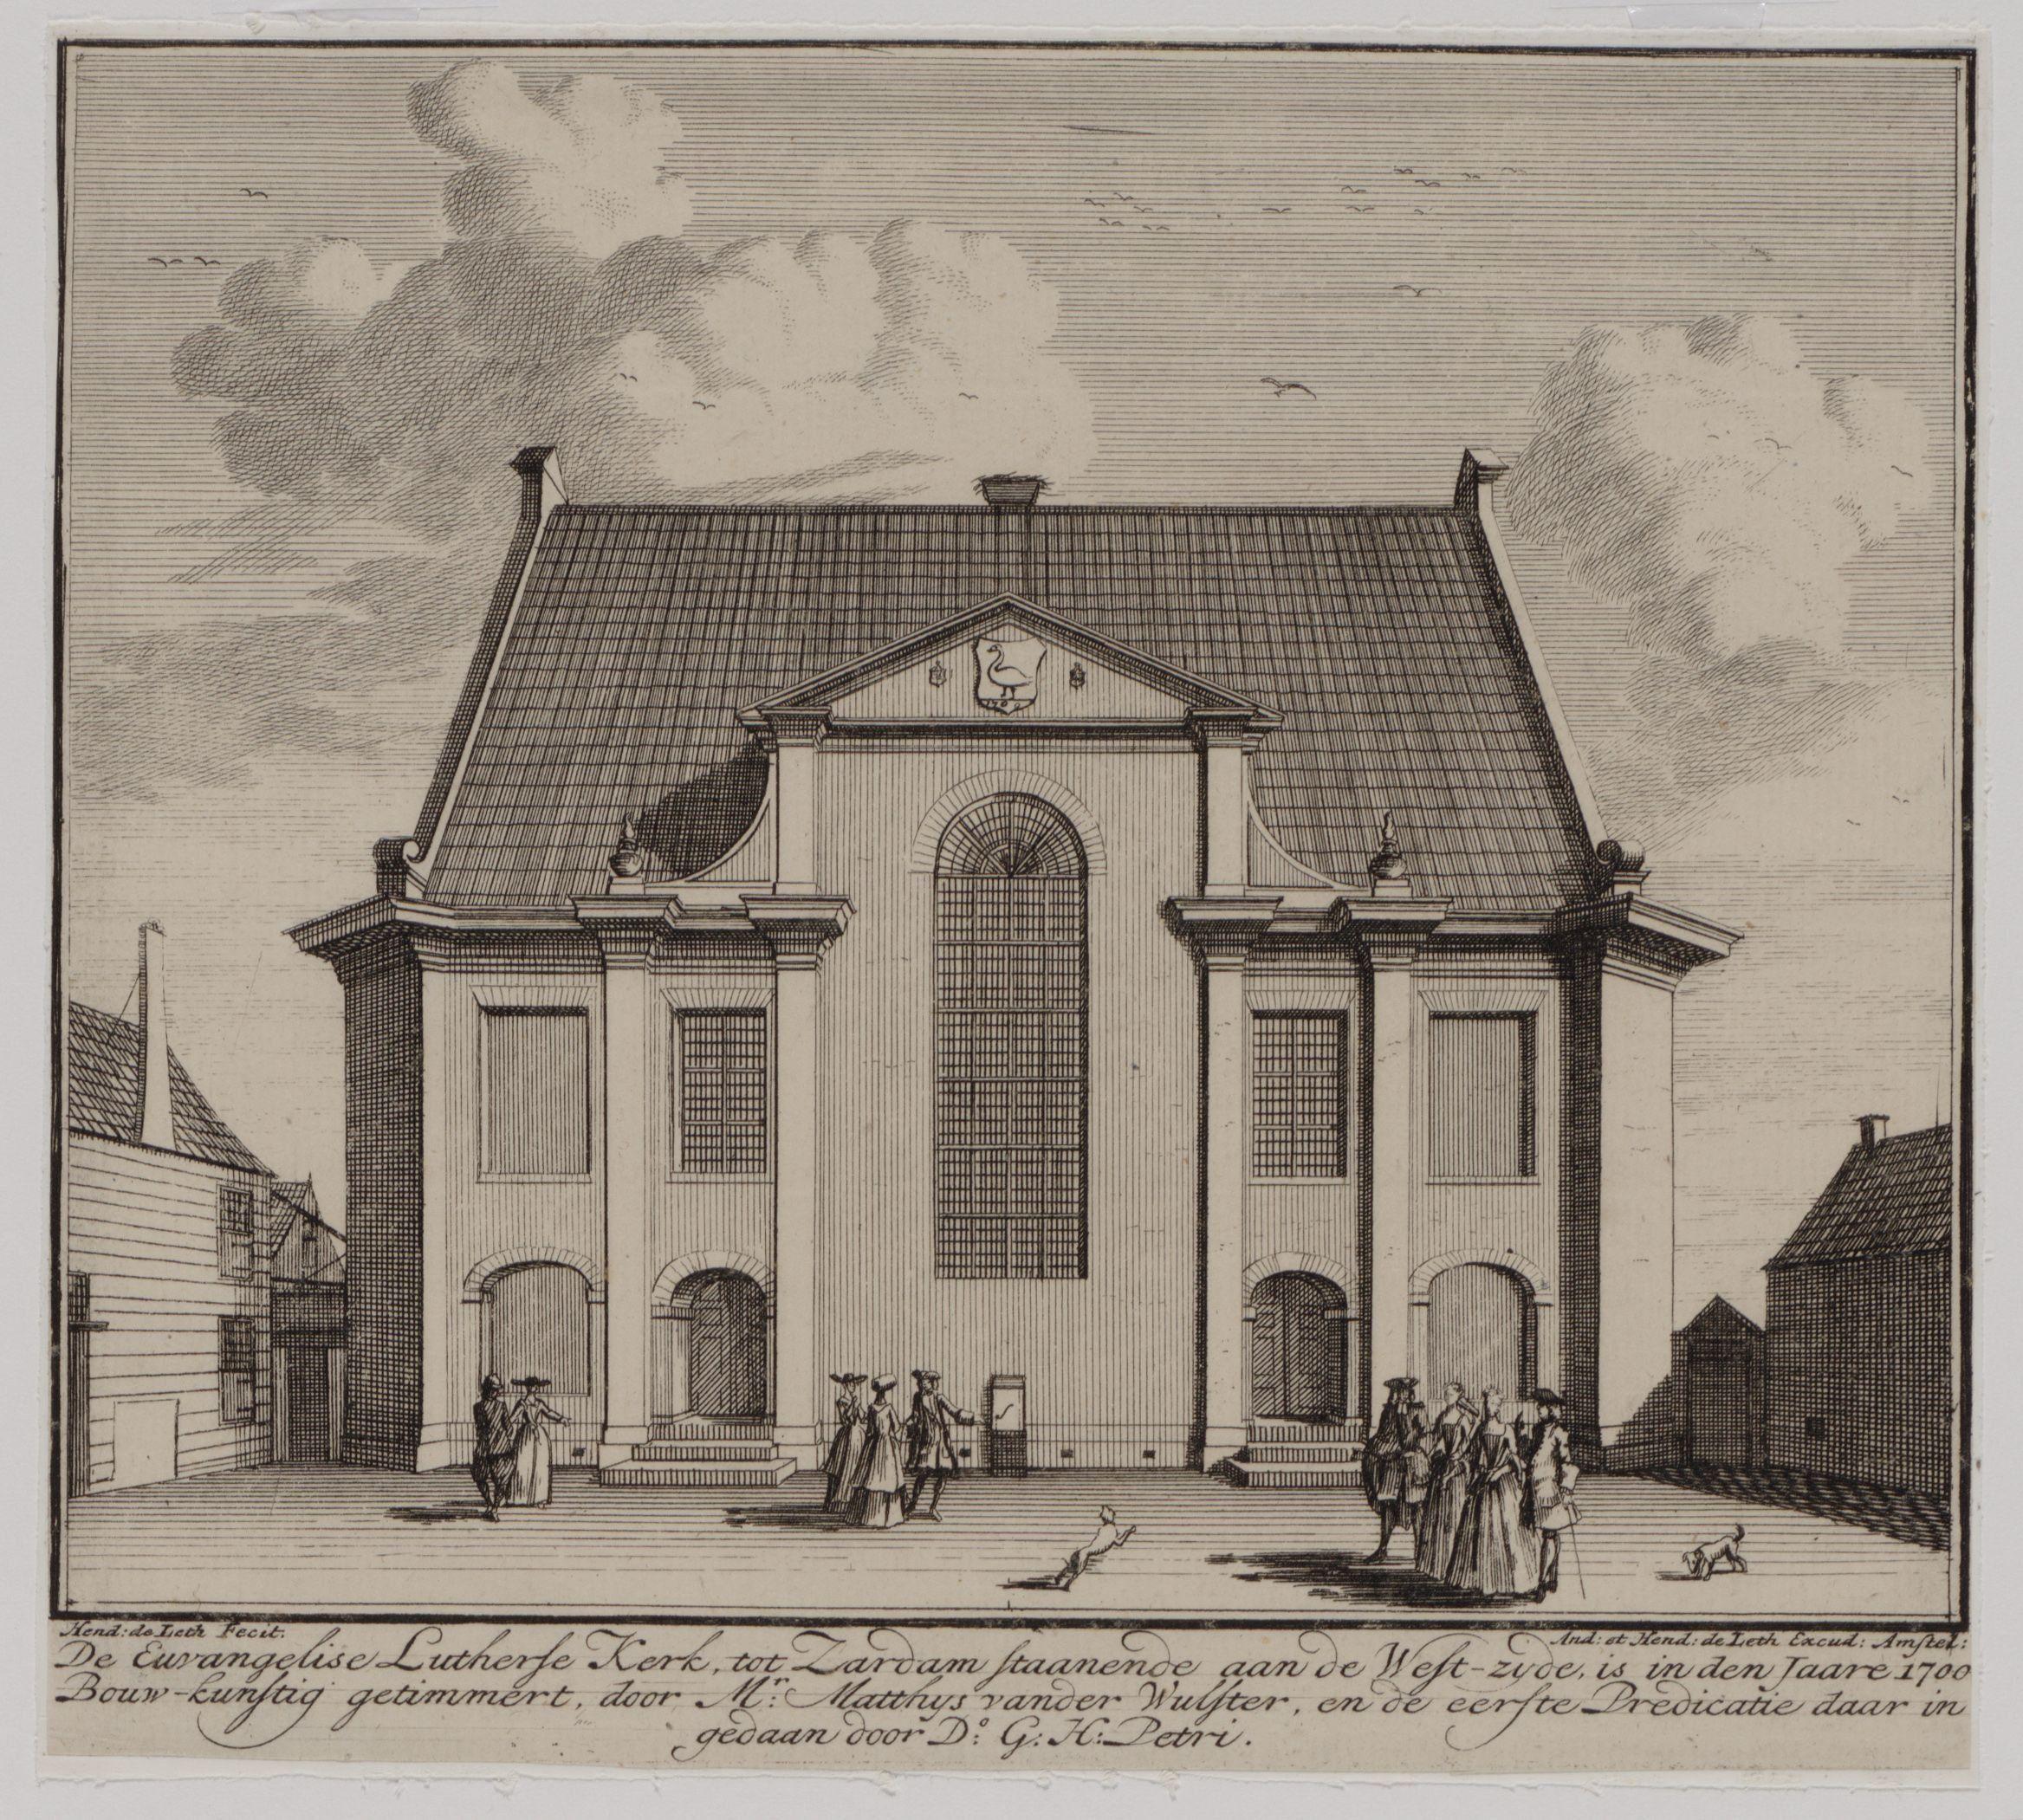 De Evangelische Lutherse kerk aan de Vinkenstraat in Zaandam. De kerk is in 1700 gebouwd door Mr. Matthijs van der Wulfter, de eerste preek werd verzorgd door dominee Petri.